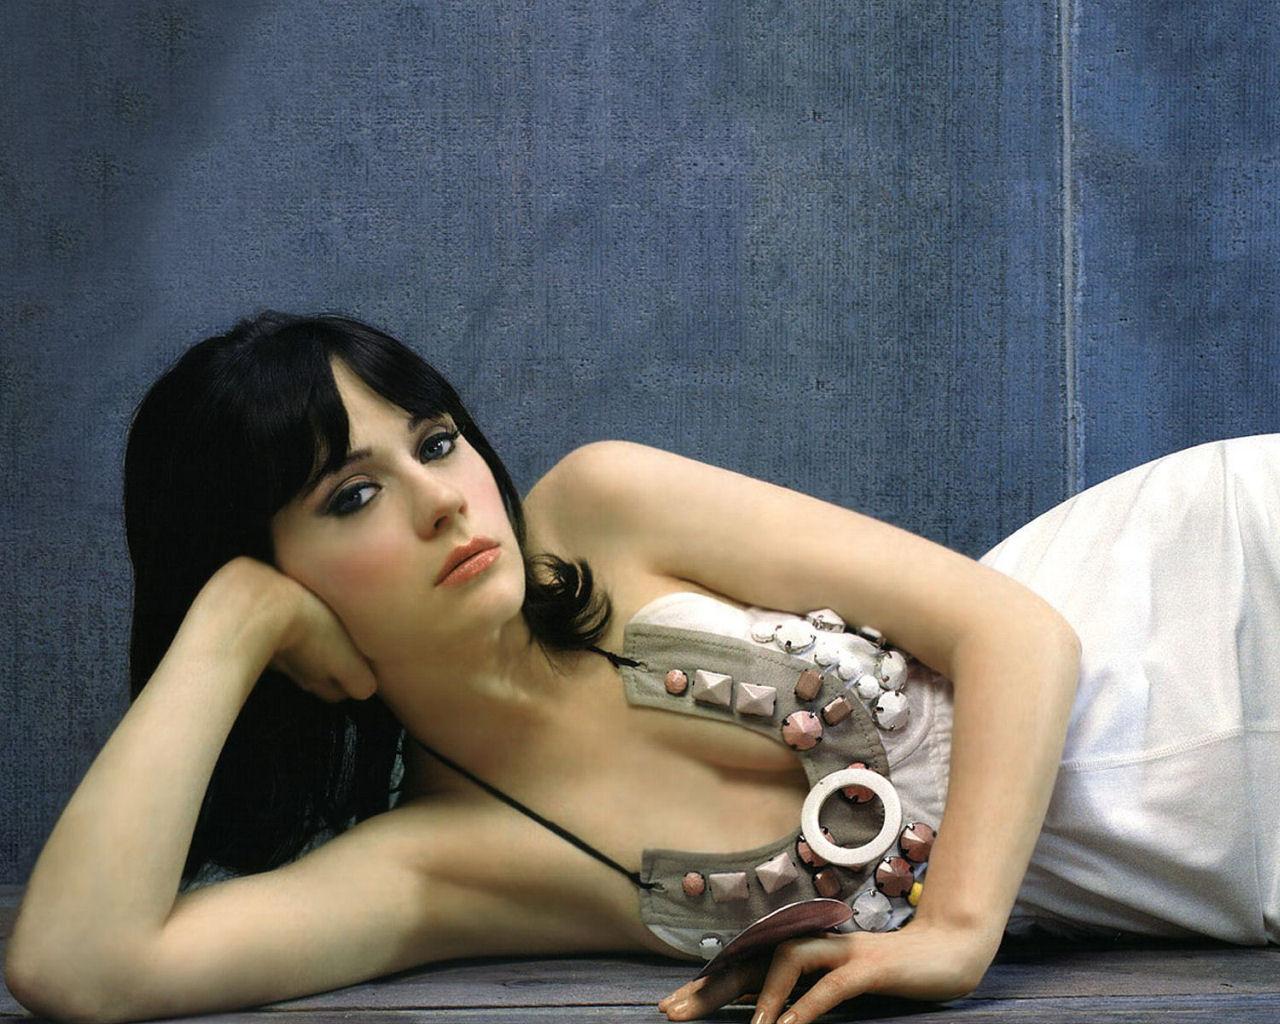 Zooey Deschanel | Actress Hot Photos 2012 | Hollywood